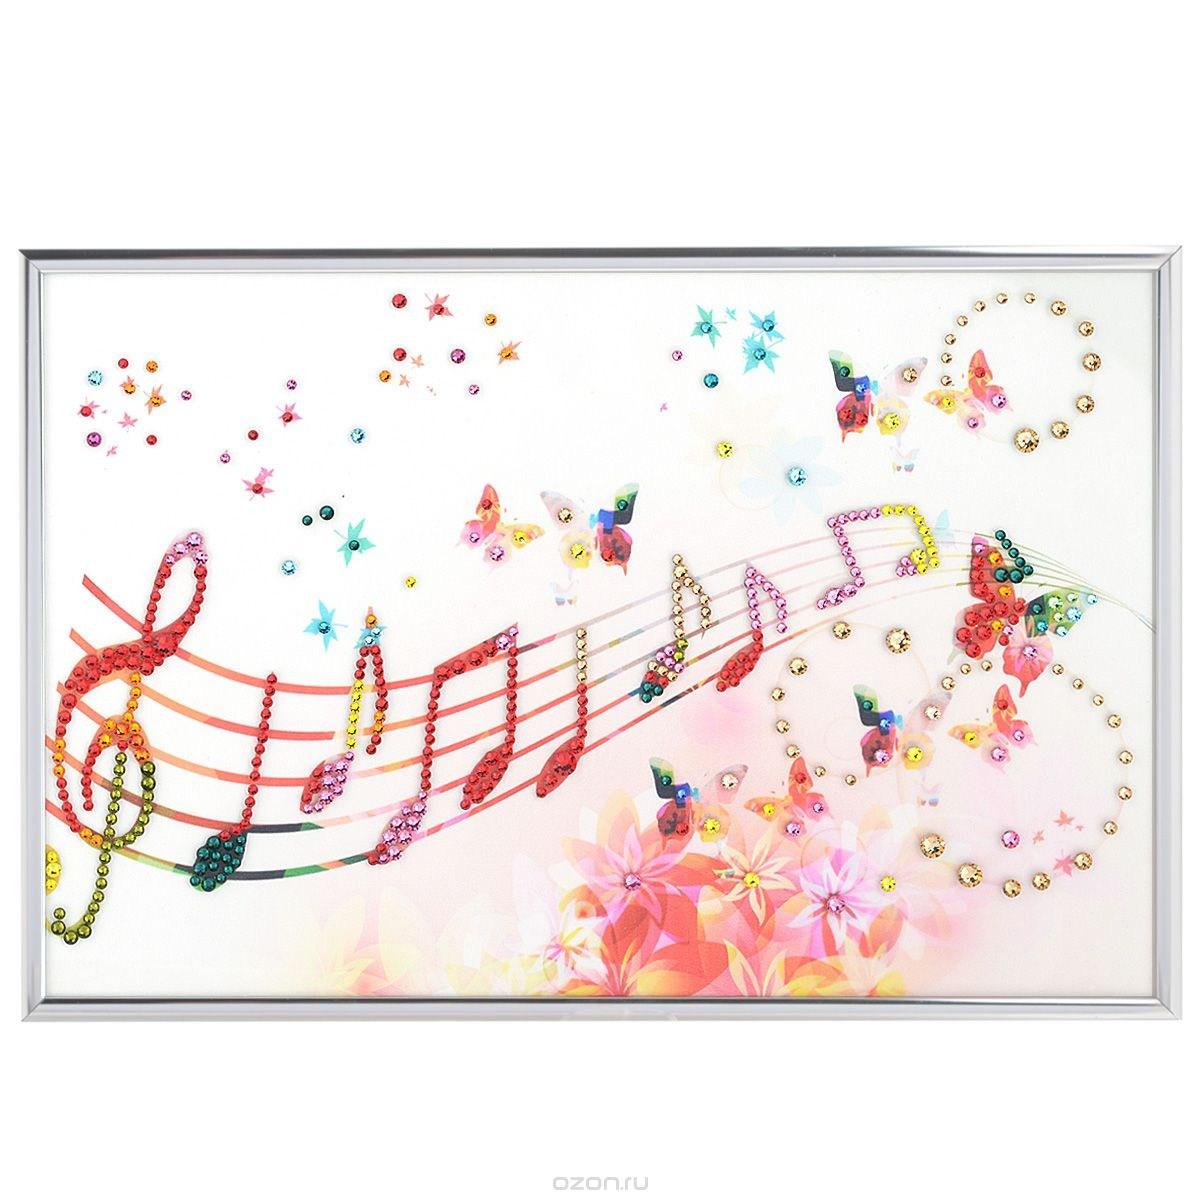 Картина из кристаллов Swarovski Музыка настроения